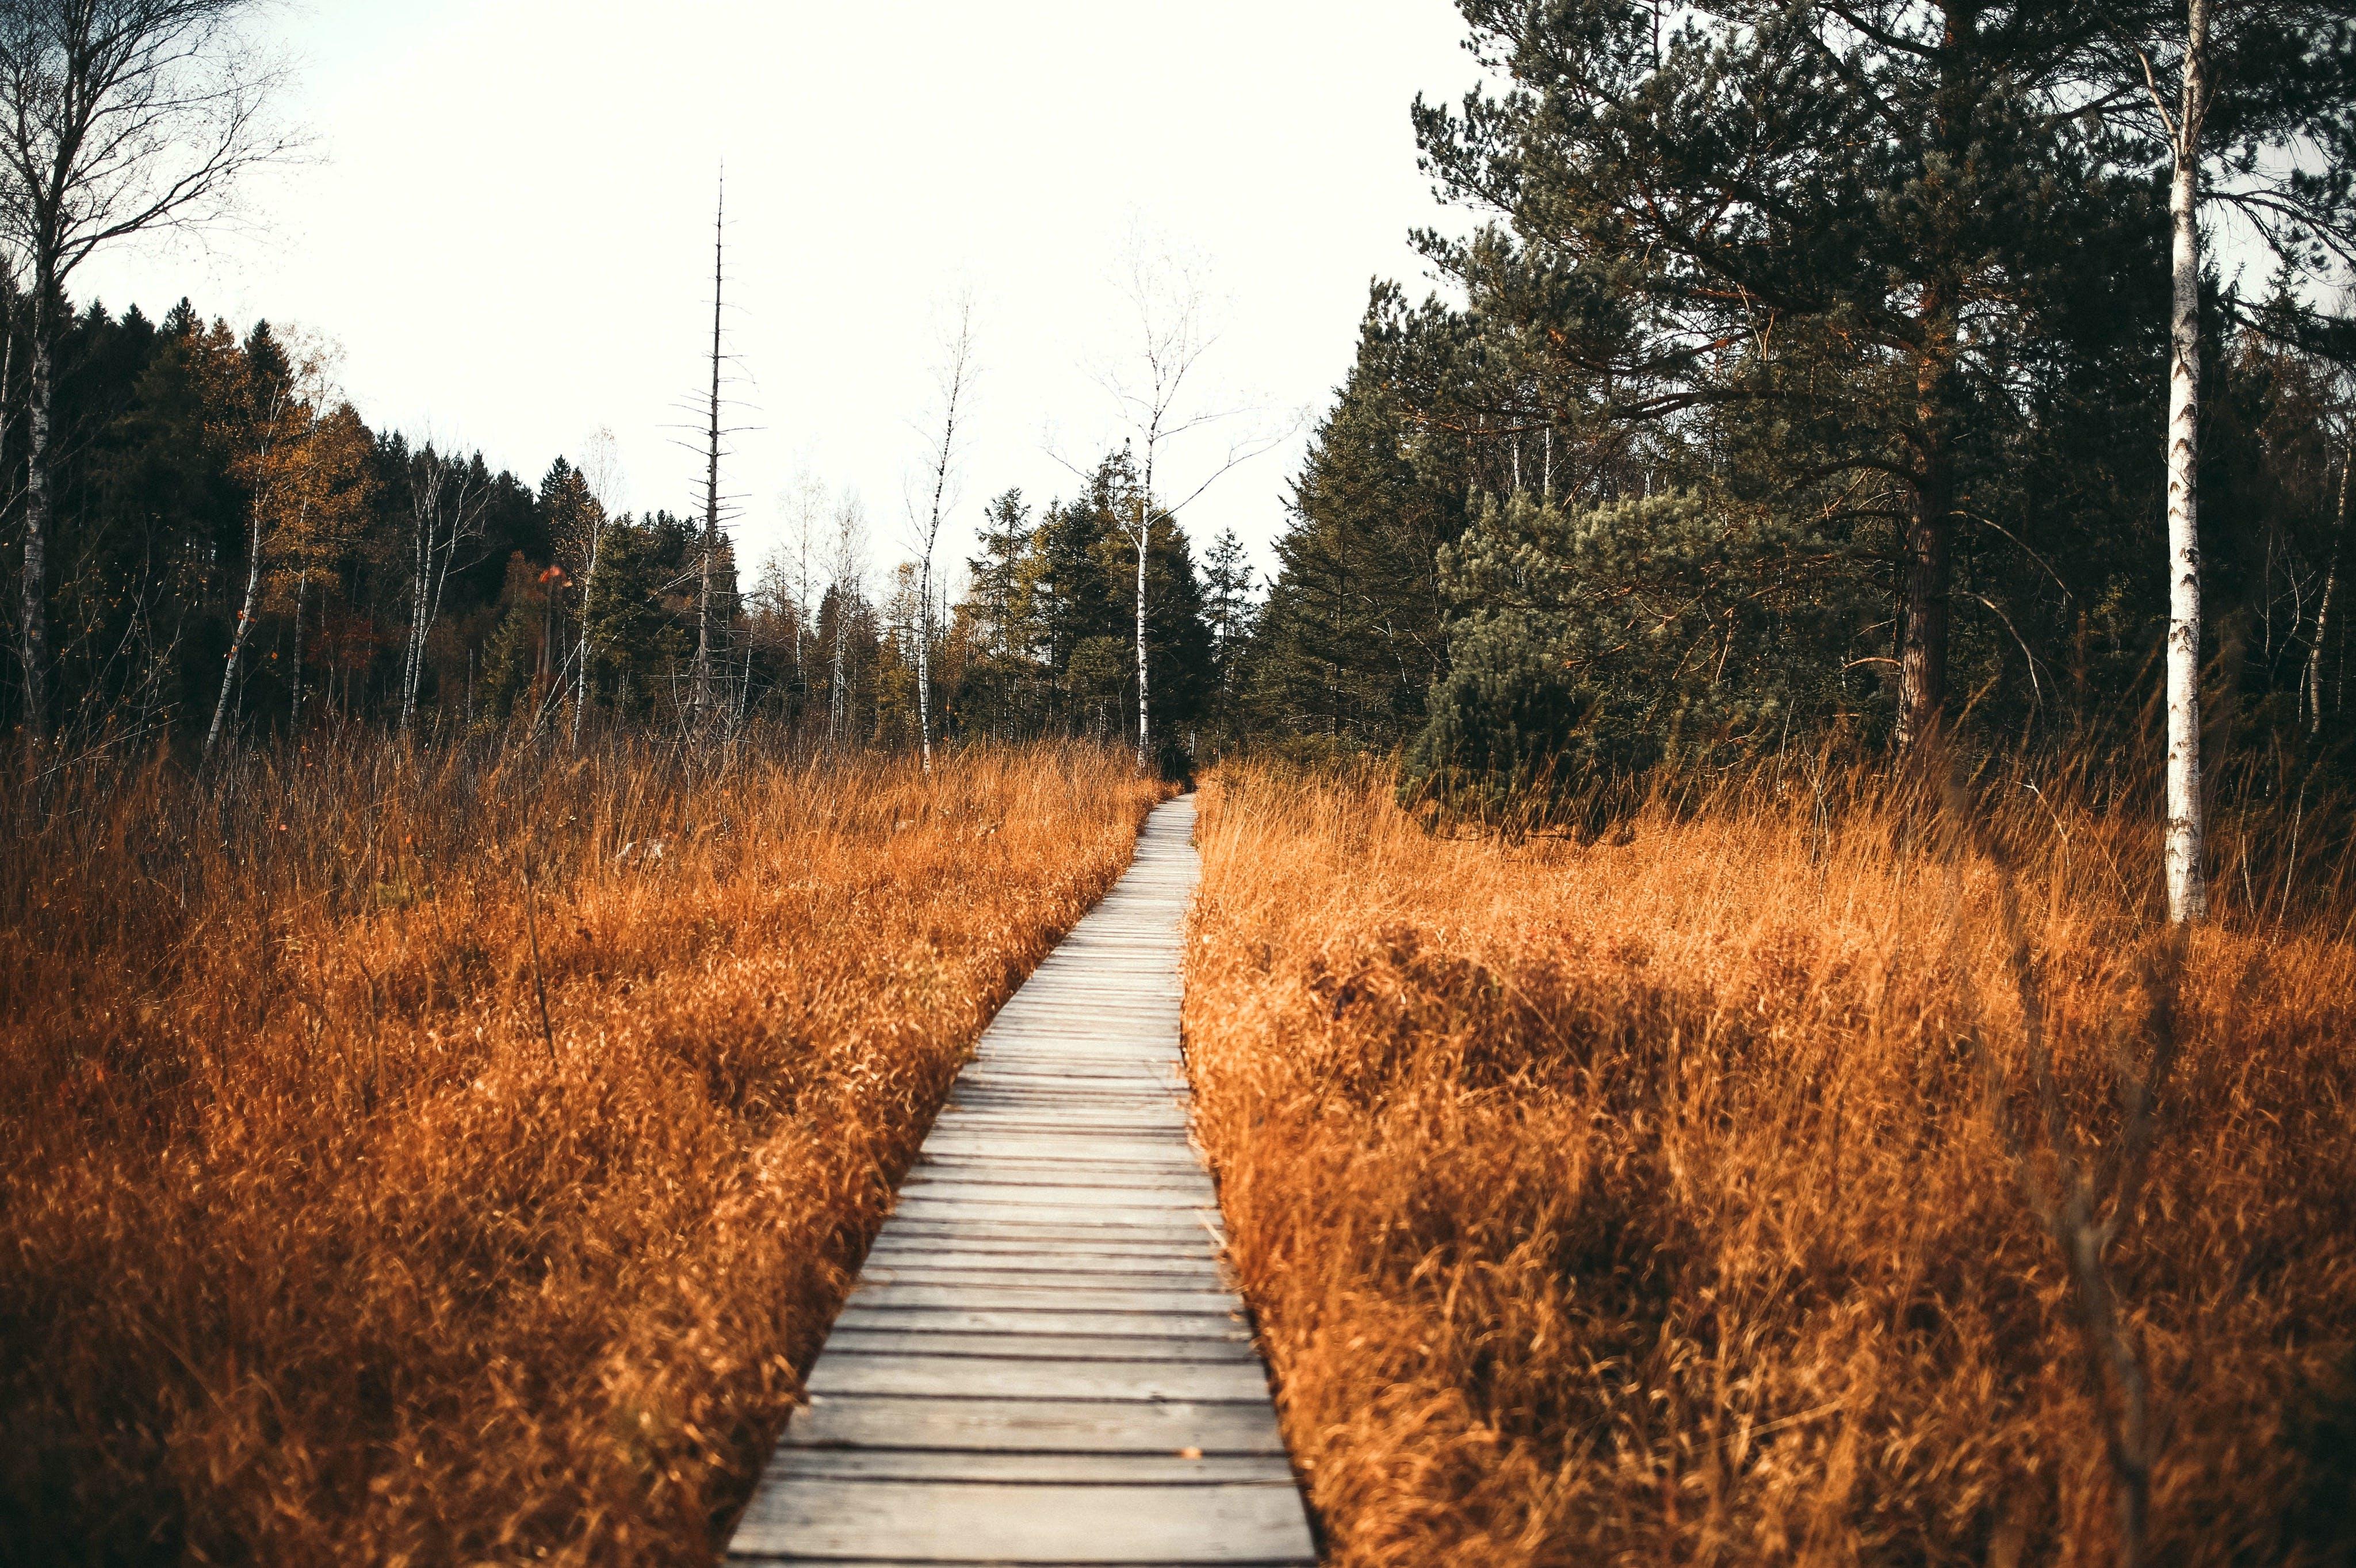 Бесплатное стоковое фото с деревья, лес, листва, окружающая среда